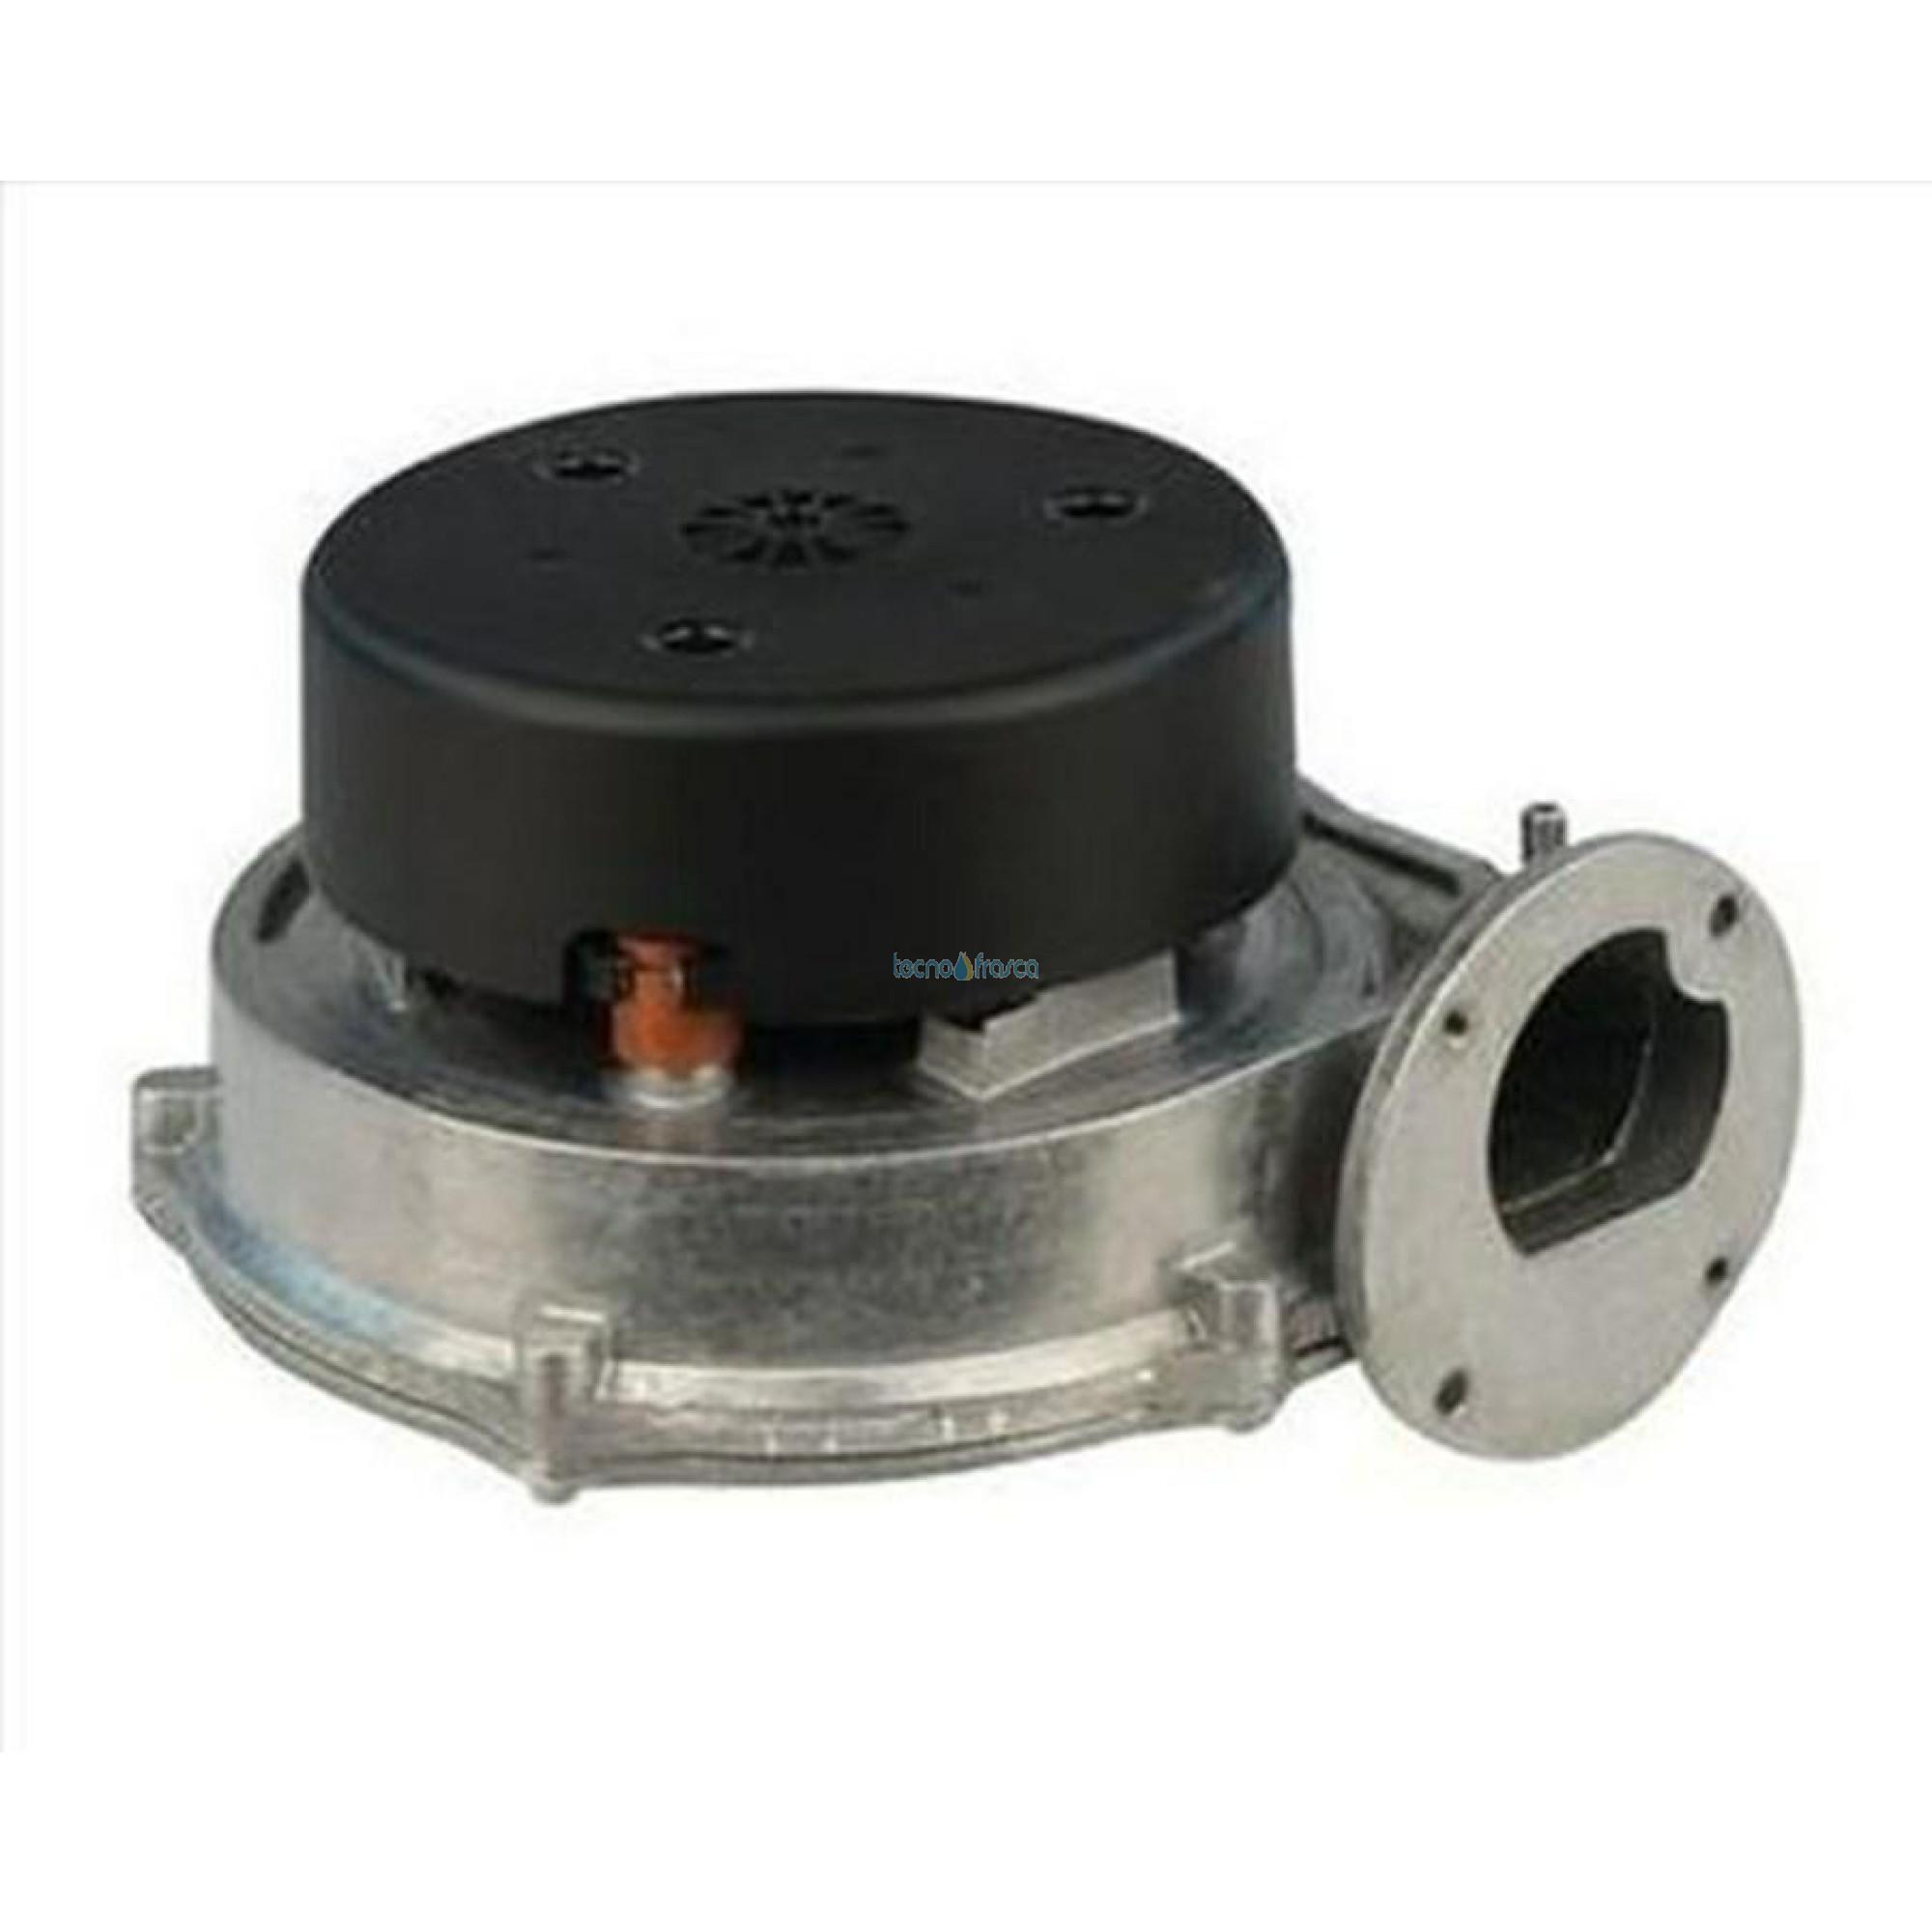 Immergas kit di ricambio estrattore victrix 32 tt 3.025196